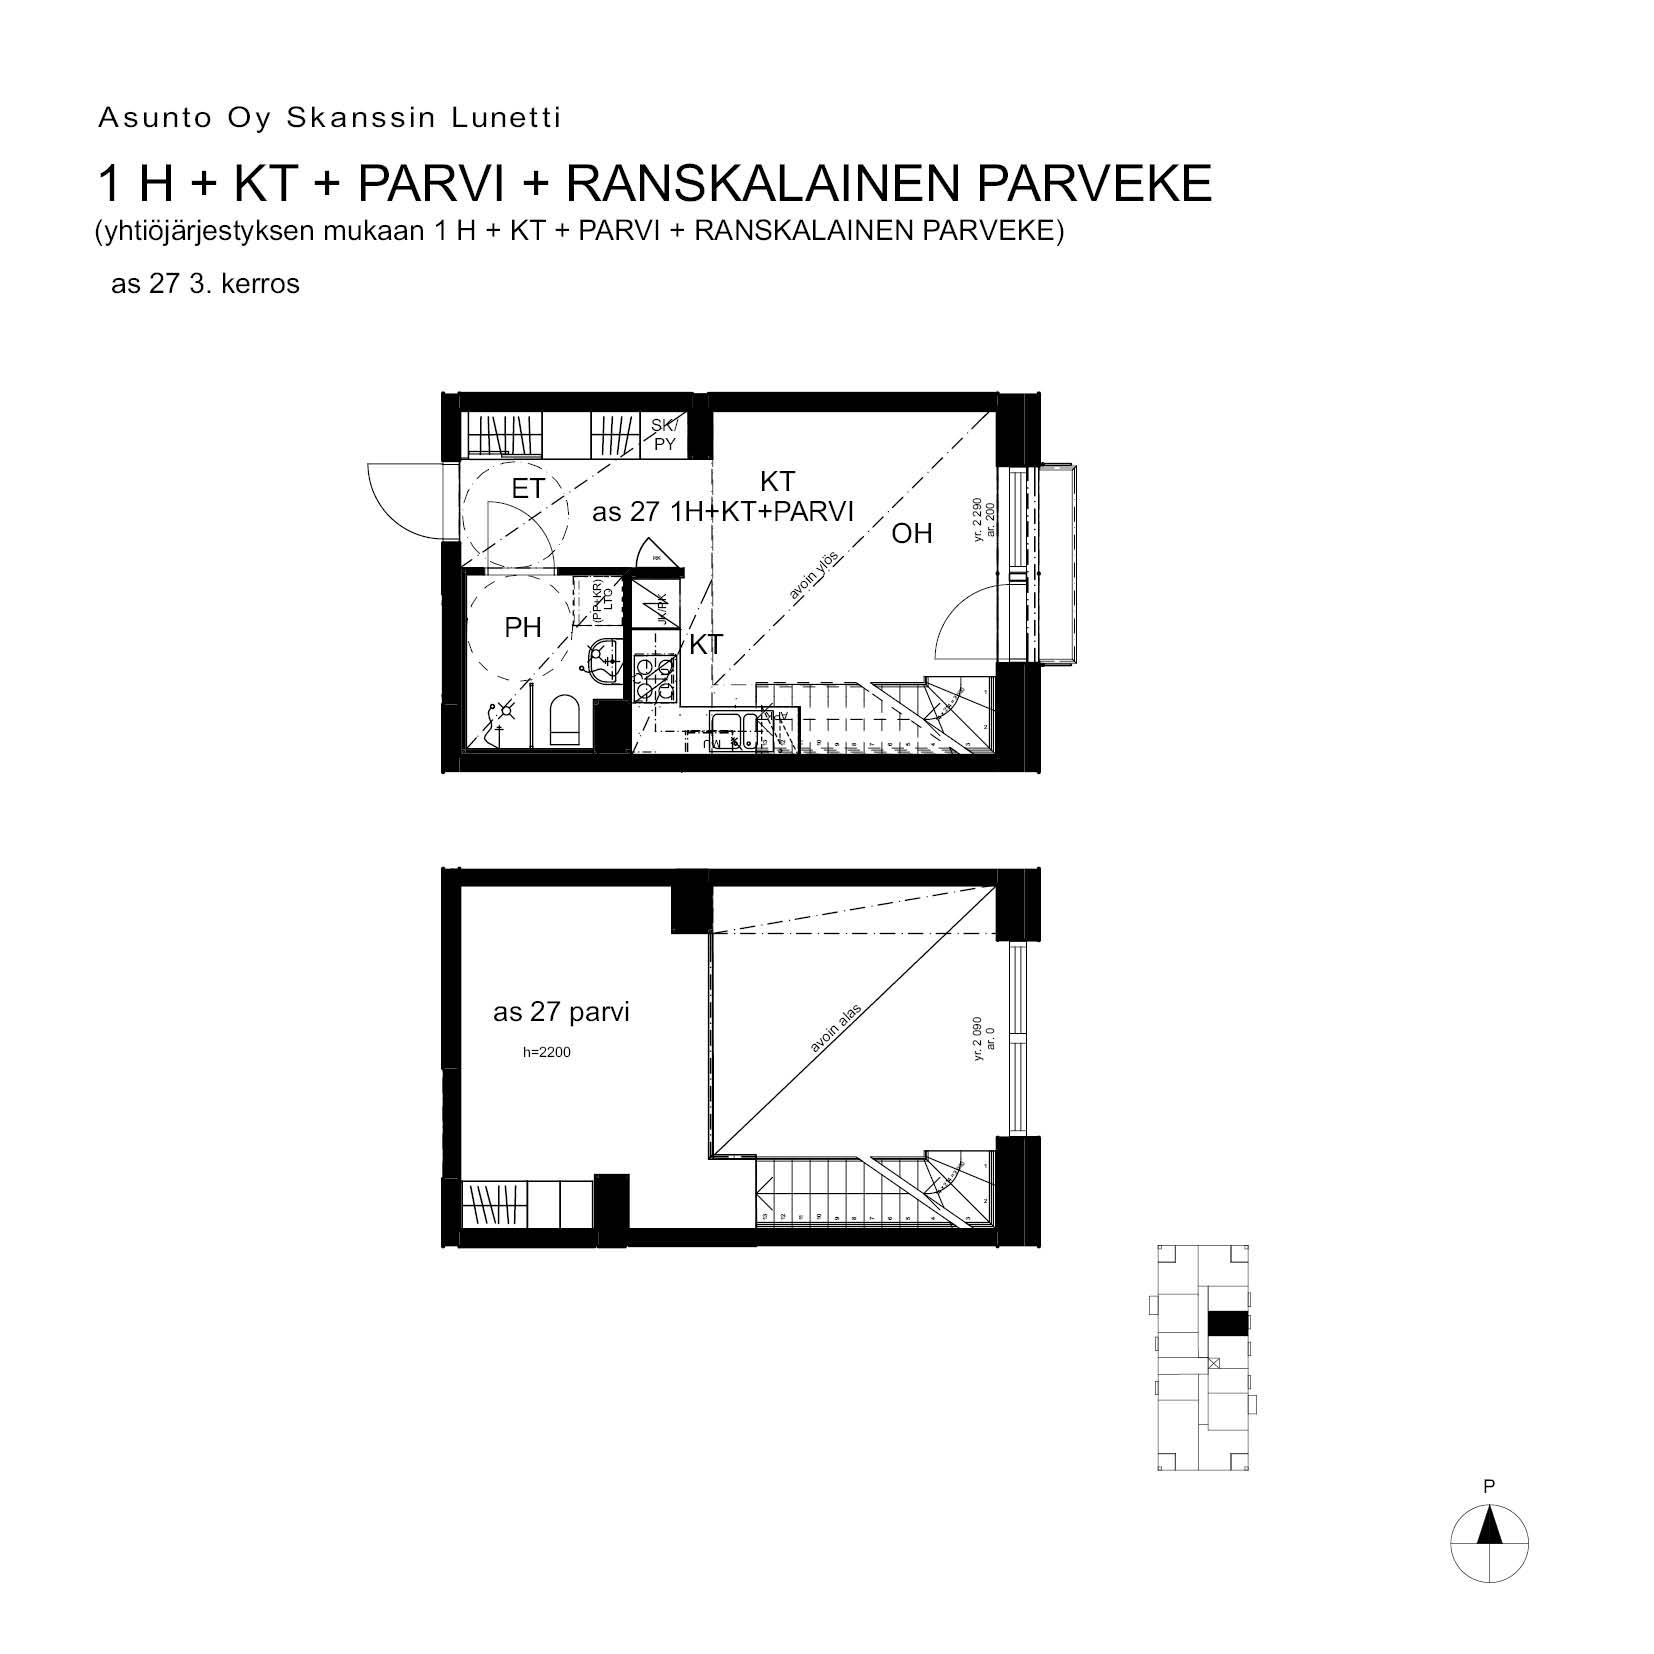 A27, 40.5 m<sup>2</sup>, 1H+KT+PARVI+ransk.p.